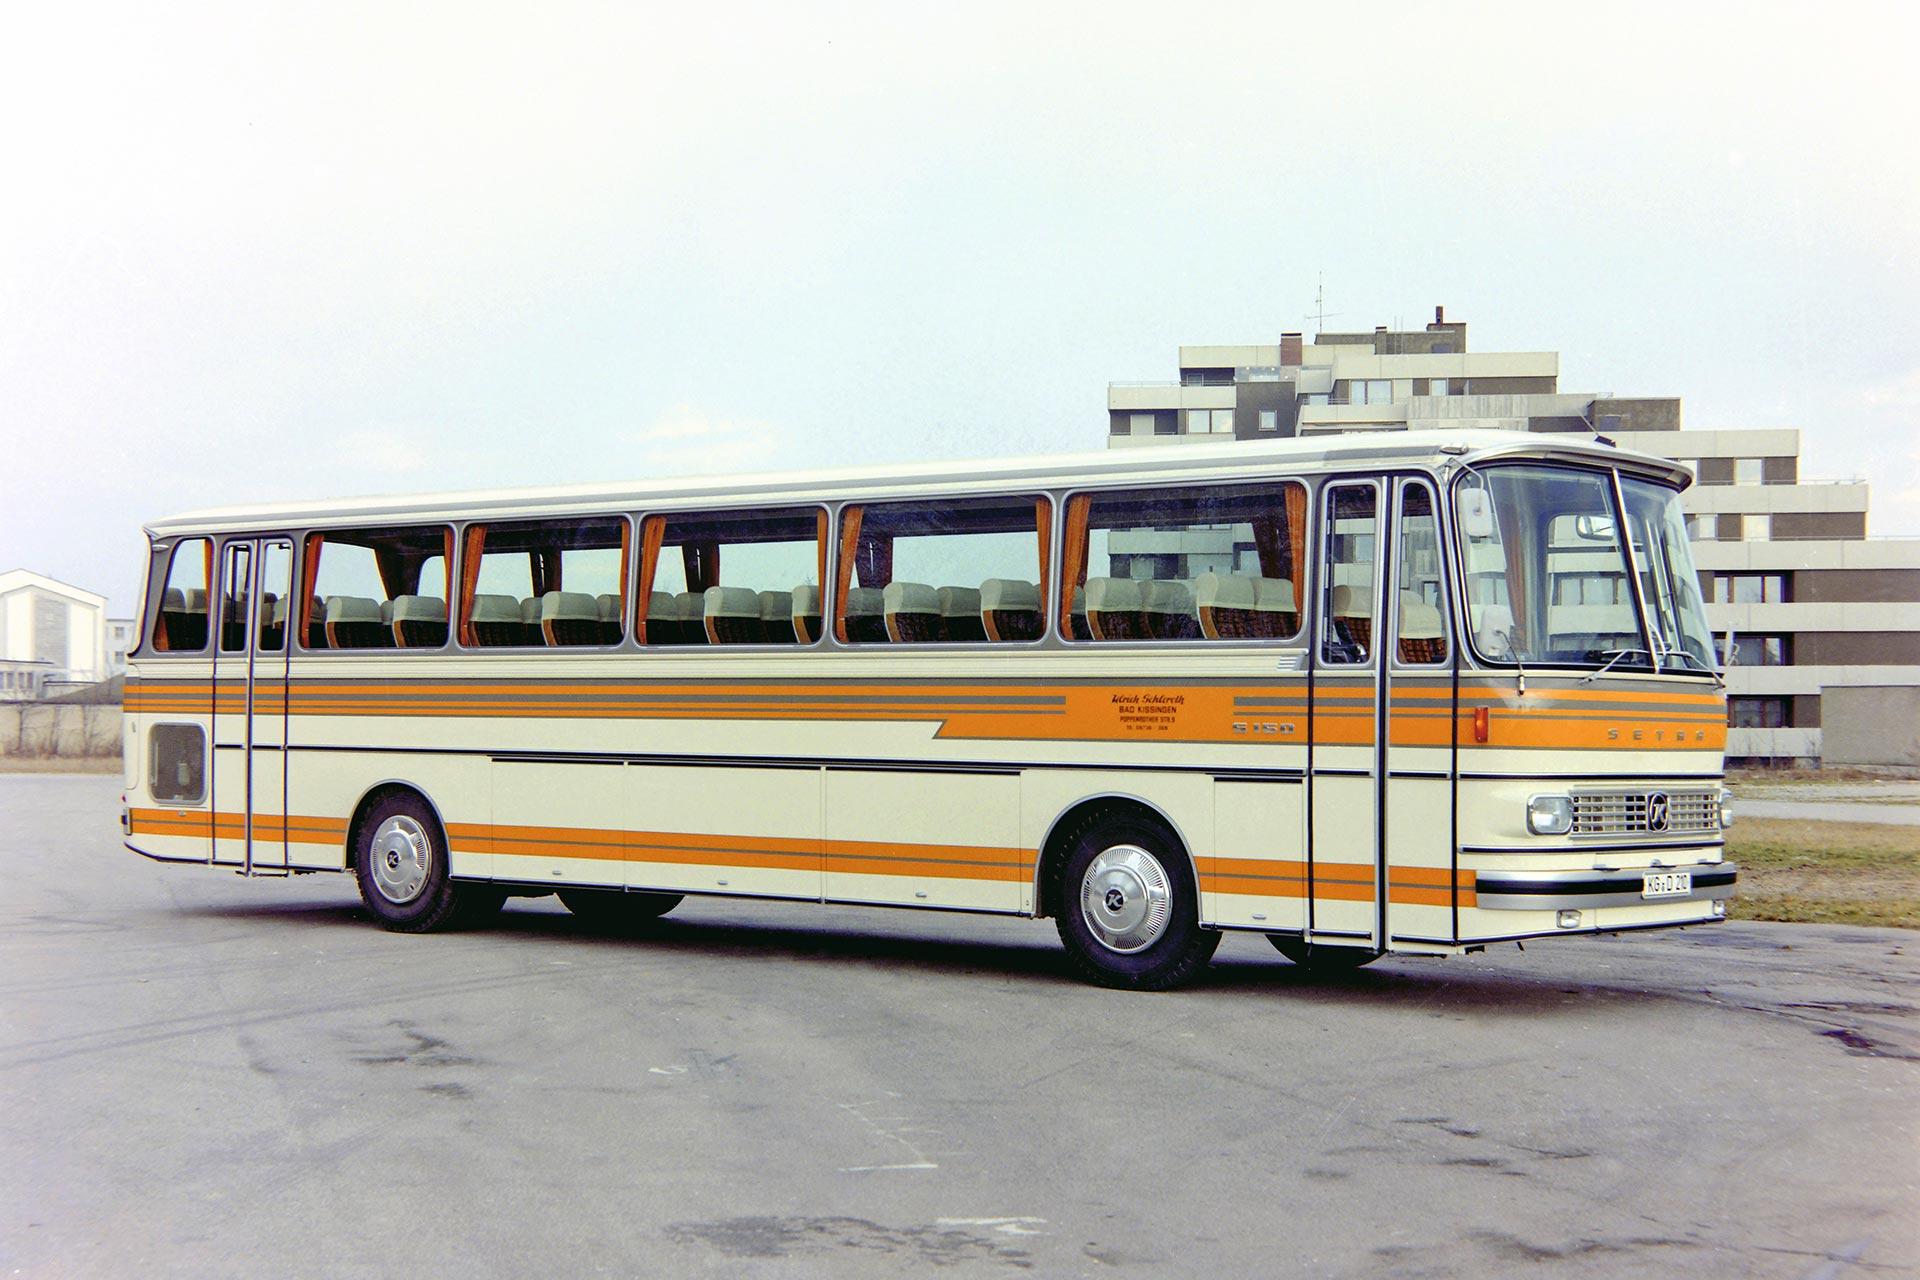 """""""Das Flaggschiff der Baureihe"""" Der Setra S 150 war das einstige Spitzenmodell der Baureihe 100. Dieser Bus bestach nicht nur durch sein für die damalige Zeit bahnbrechendes Styling, sondern wies auch viele konstruktive Neuerungen und Merkmale auf."""